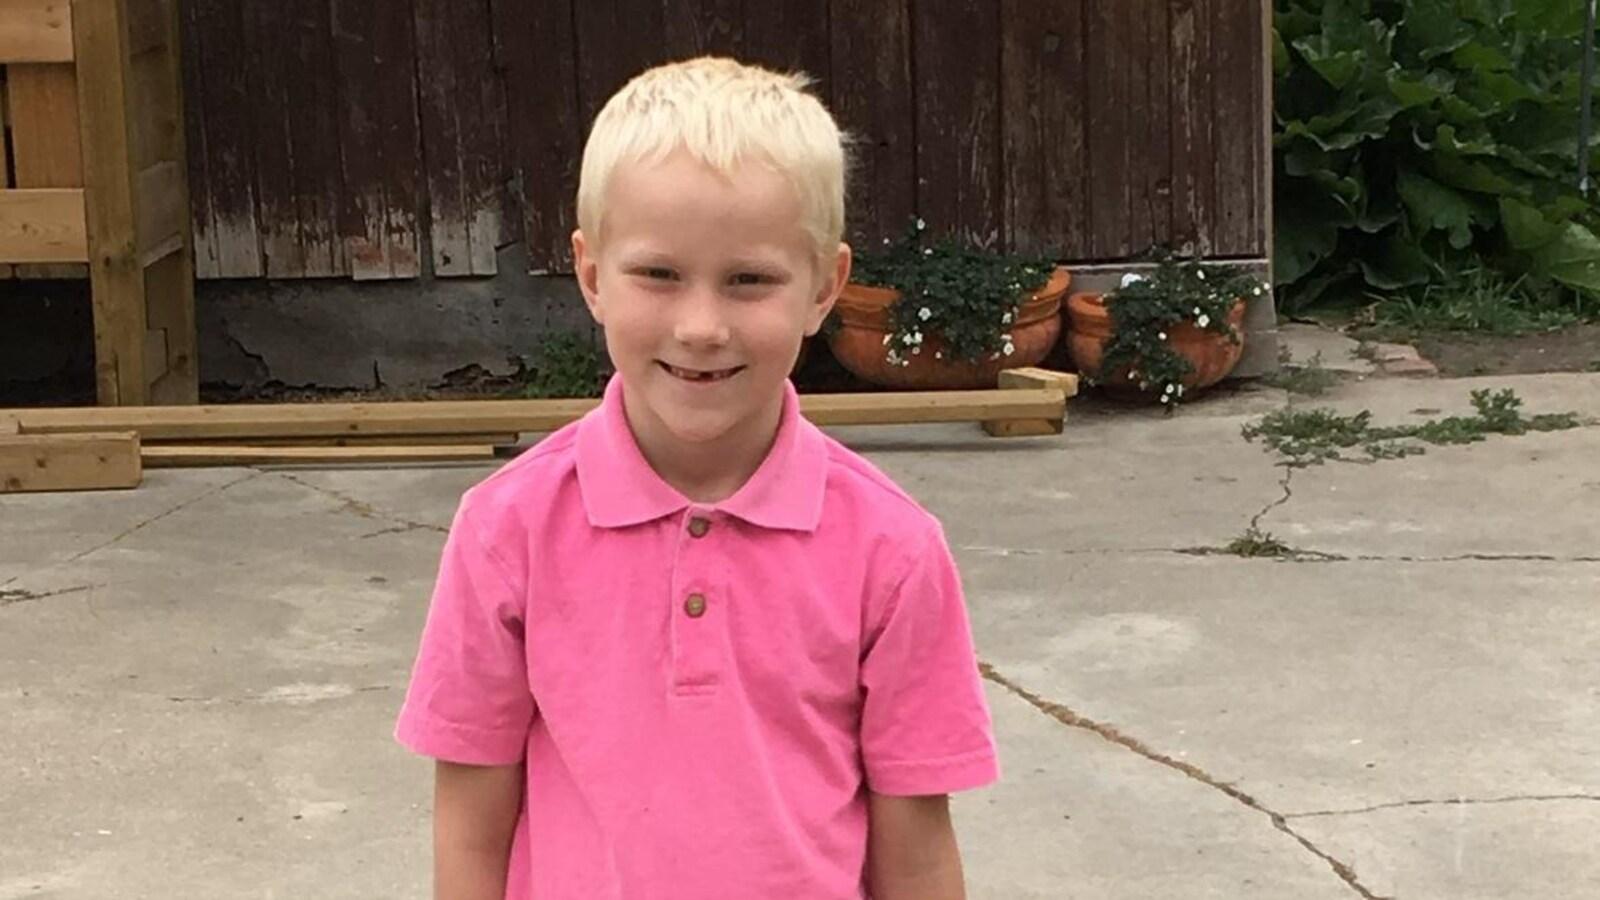 Un petit garçon blond vêtu d'un polo rose, à l'extérieur.